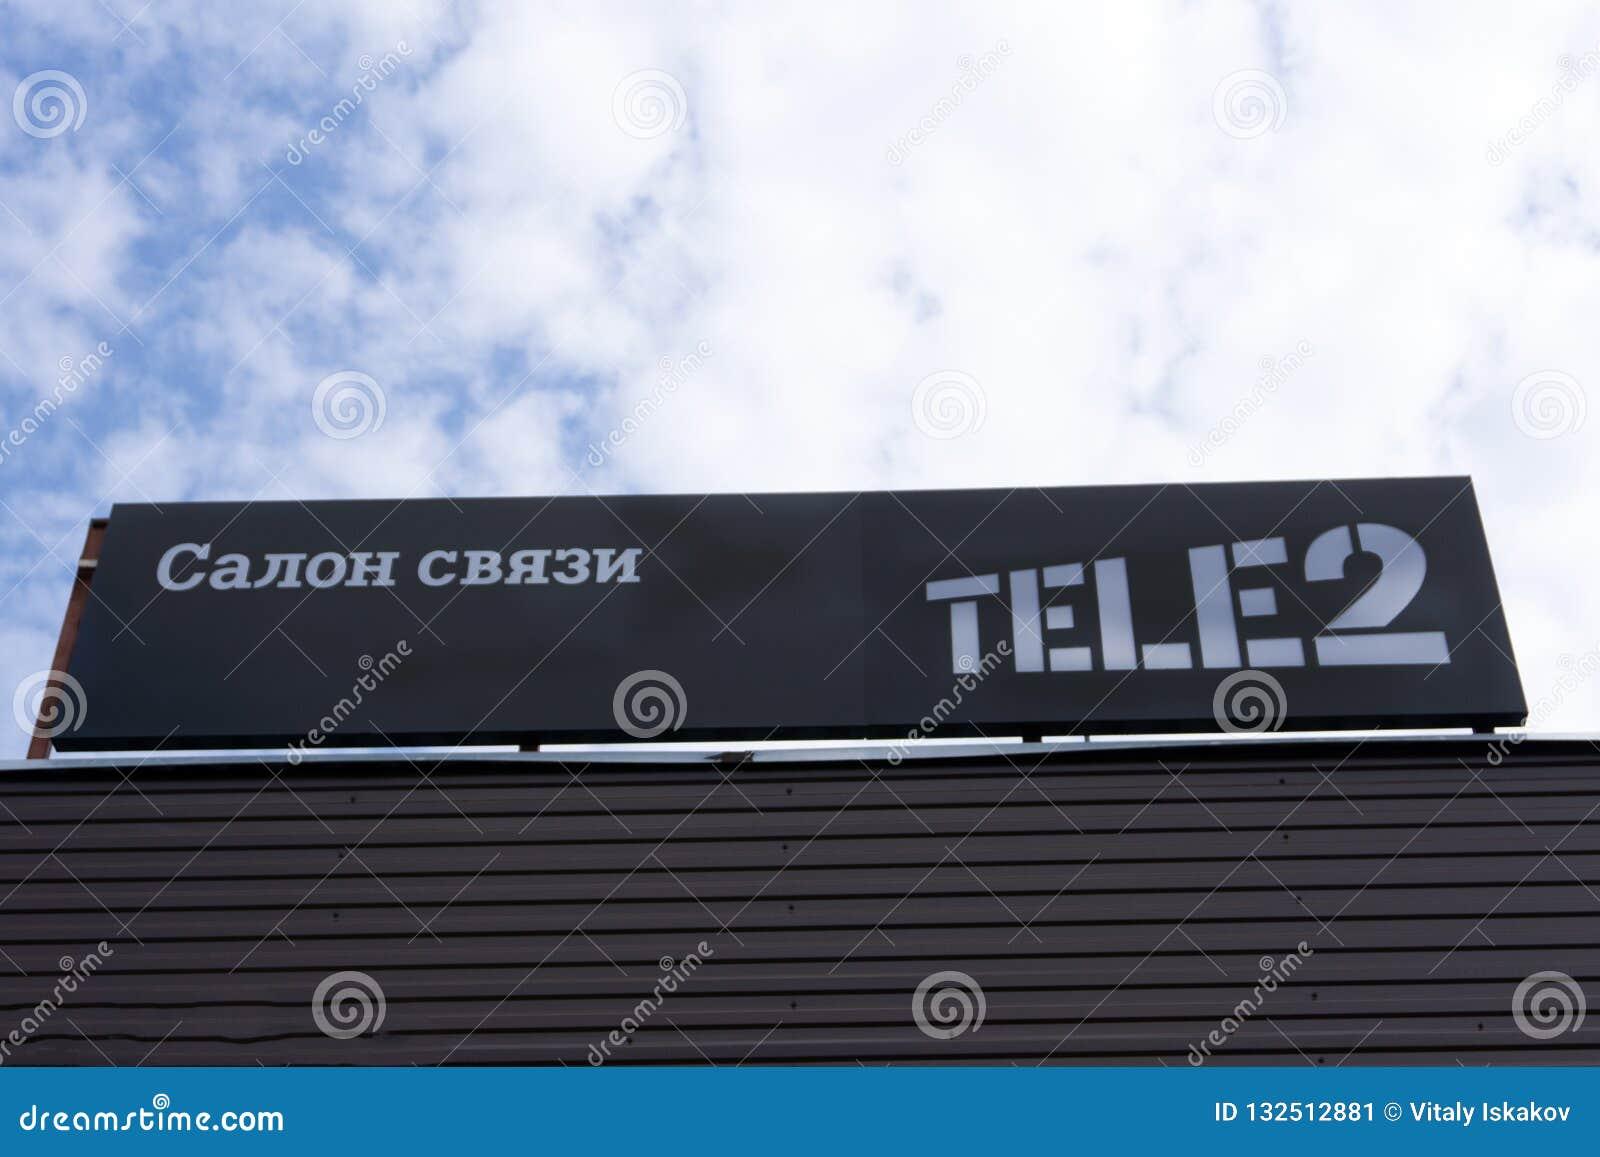 Le logo Tele2 est se connectent leur magasin local opérateur de télécommunication de fournir le mobile et les services Internet -